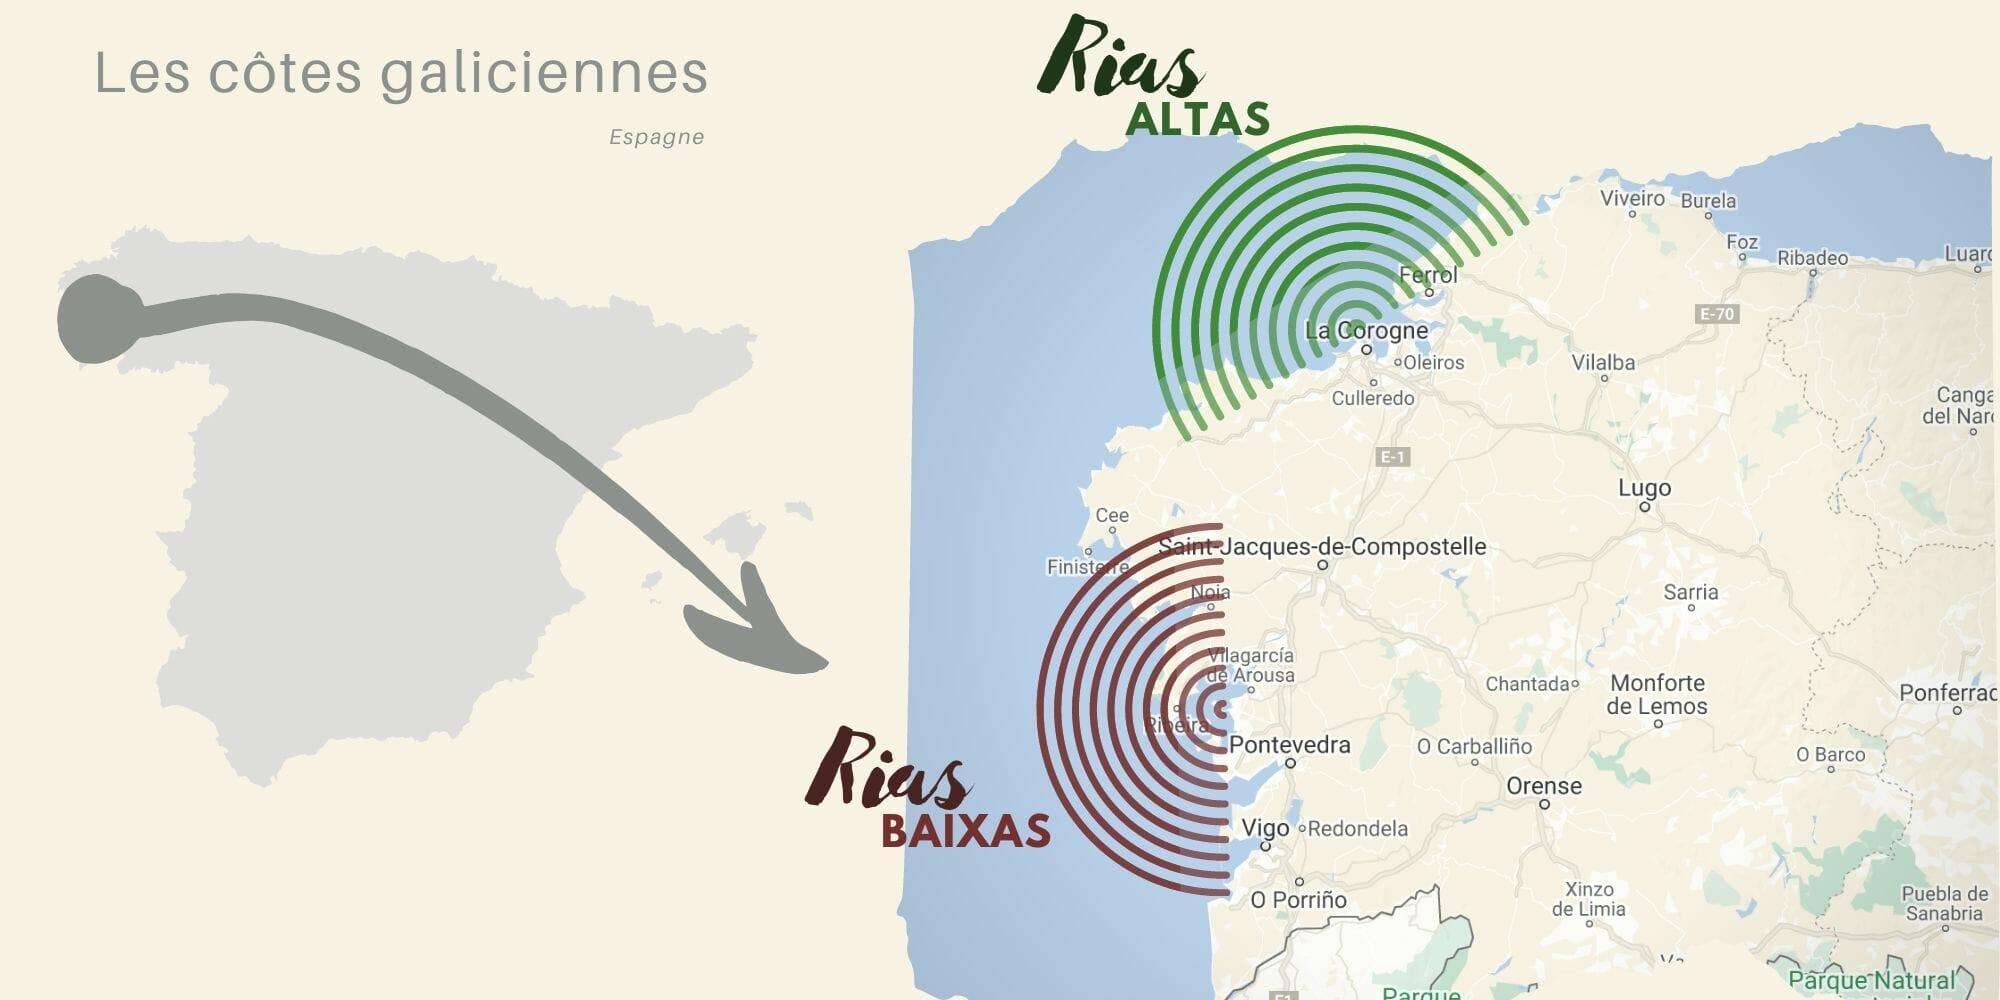 Rias altas et Baixas en Galice